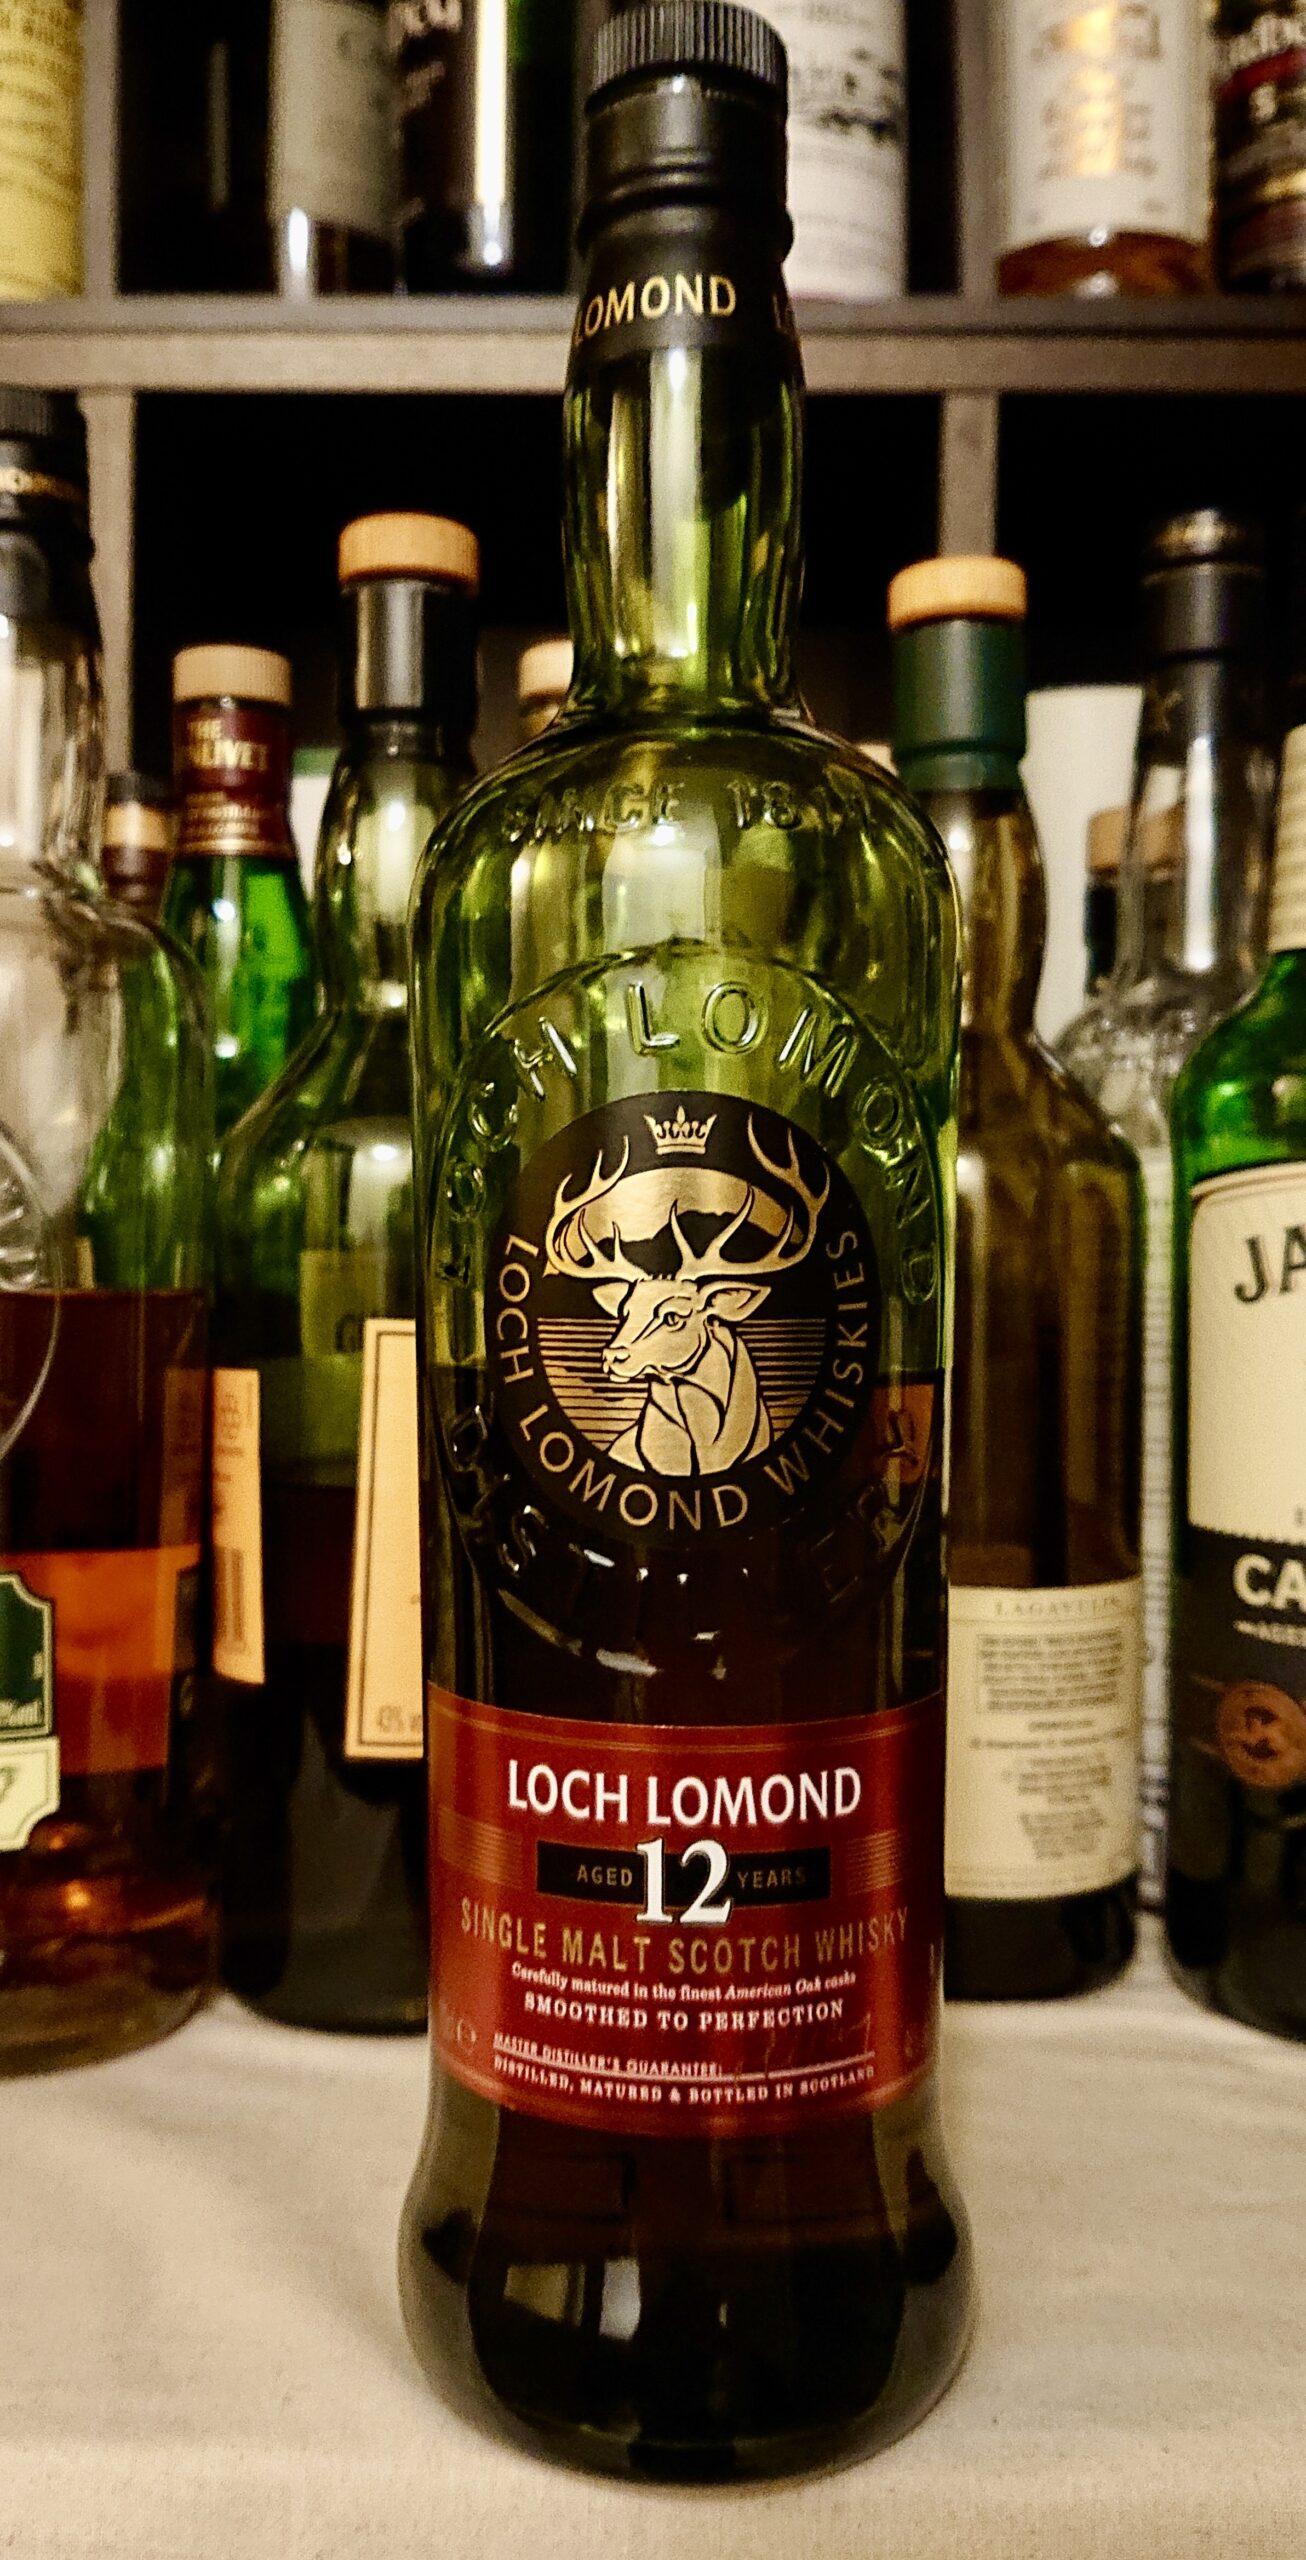 ロッホローモンド12年のテイスティング&レヴュー・多彩な原酒の混合から生まれた不思議にカラフルな個性派ウイスキー